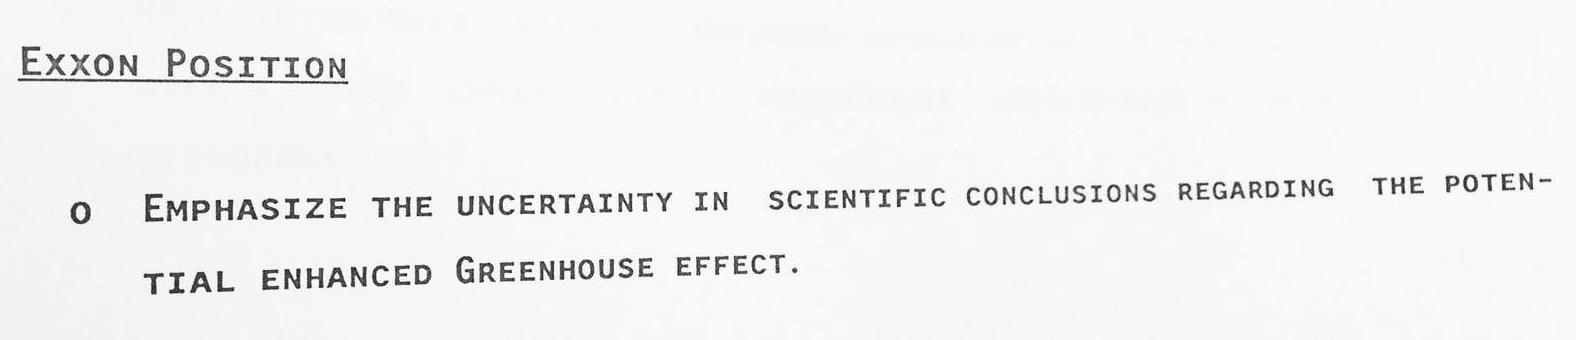 Ungewißheit betonen: Ausschnitt aus Exxon-PR-Strategie von 1988. Quelle: http://graphics.latimes.com/exxon-research/